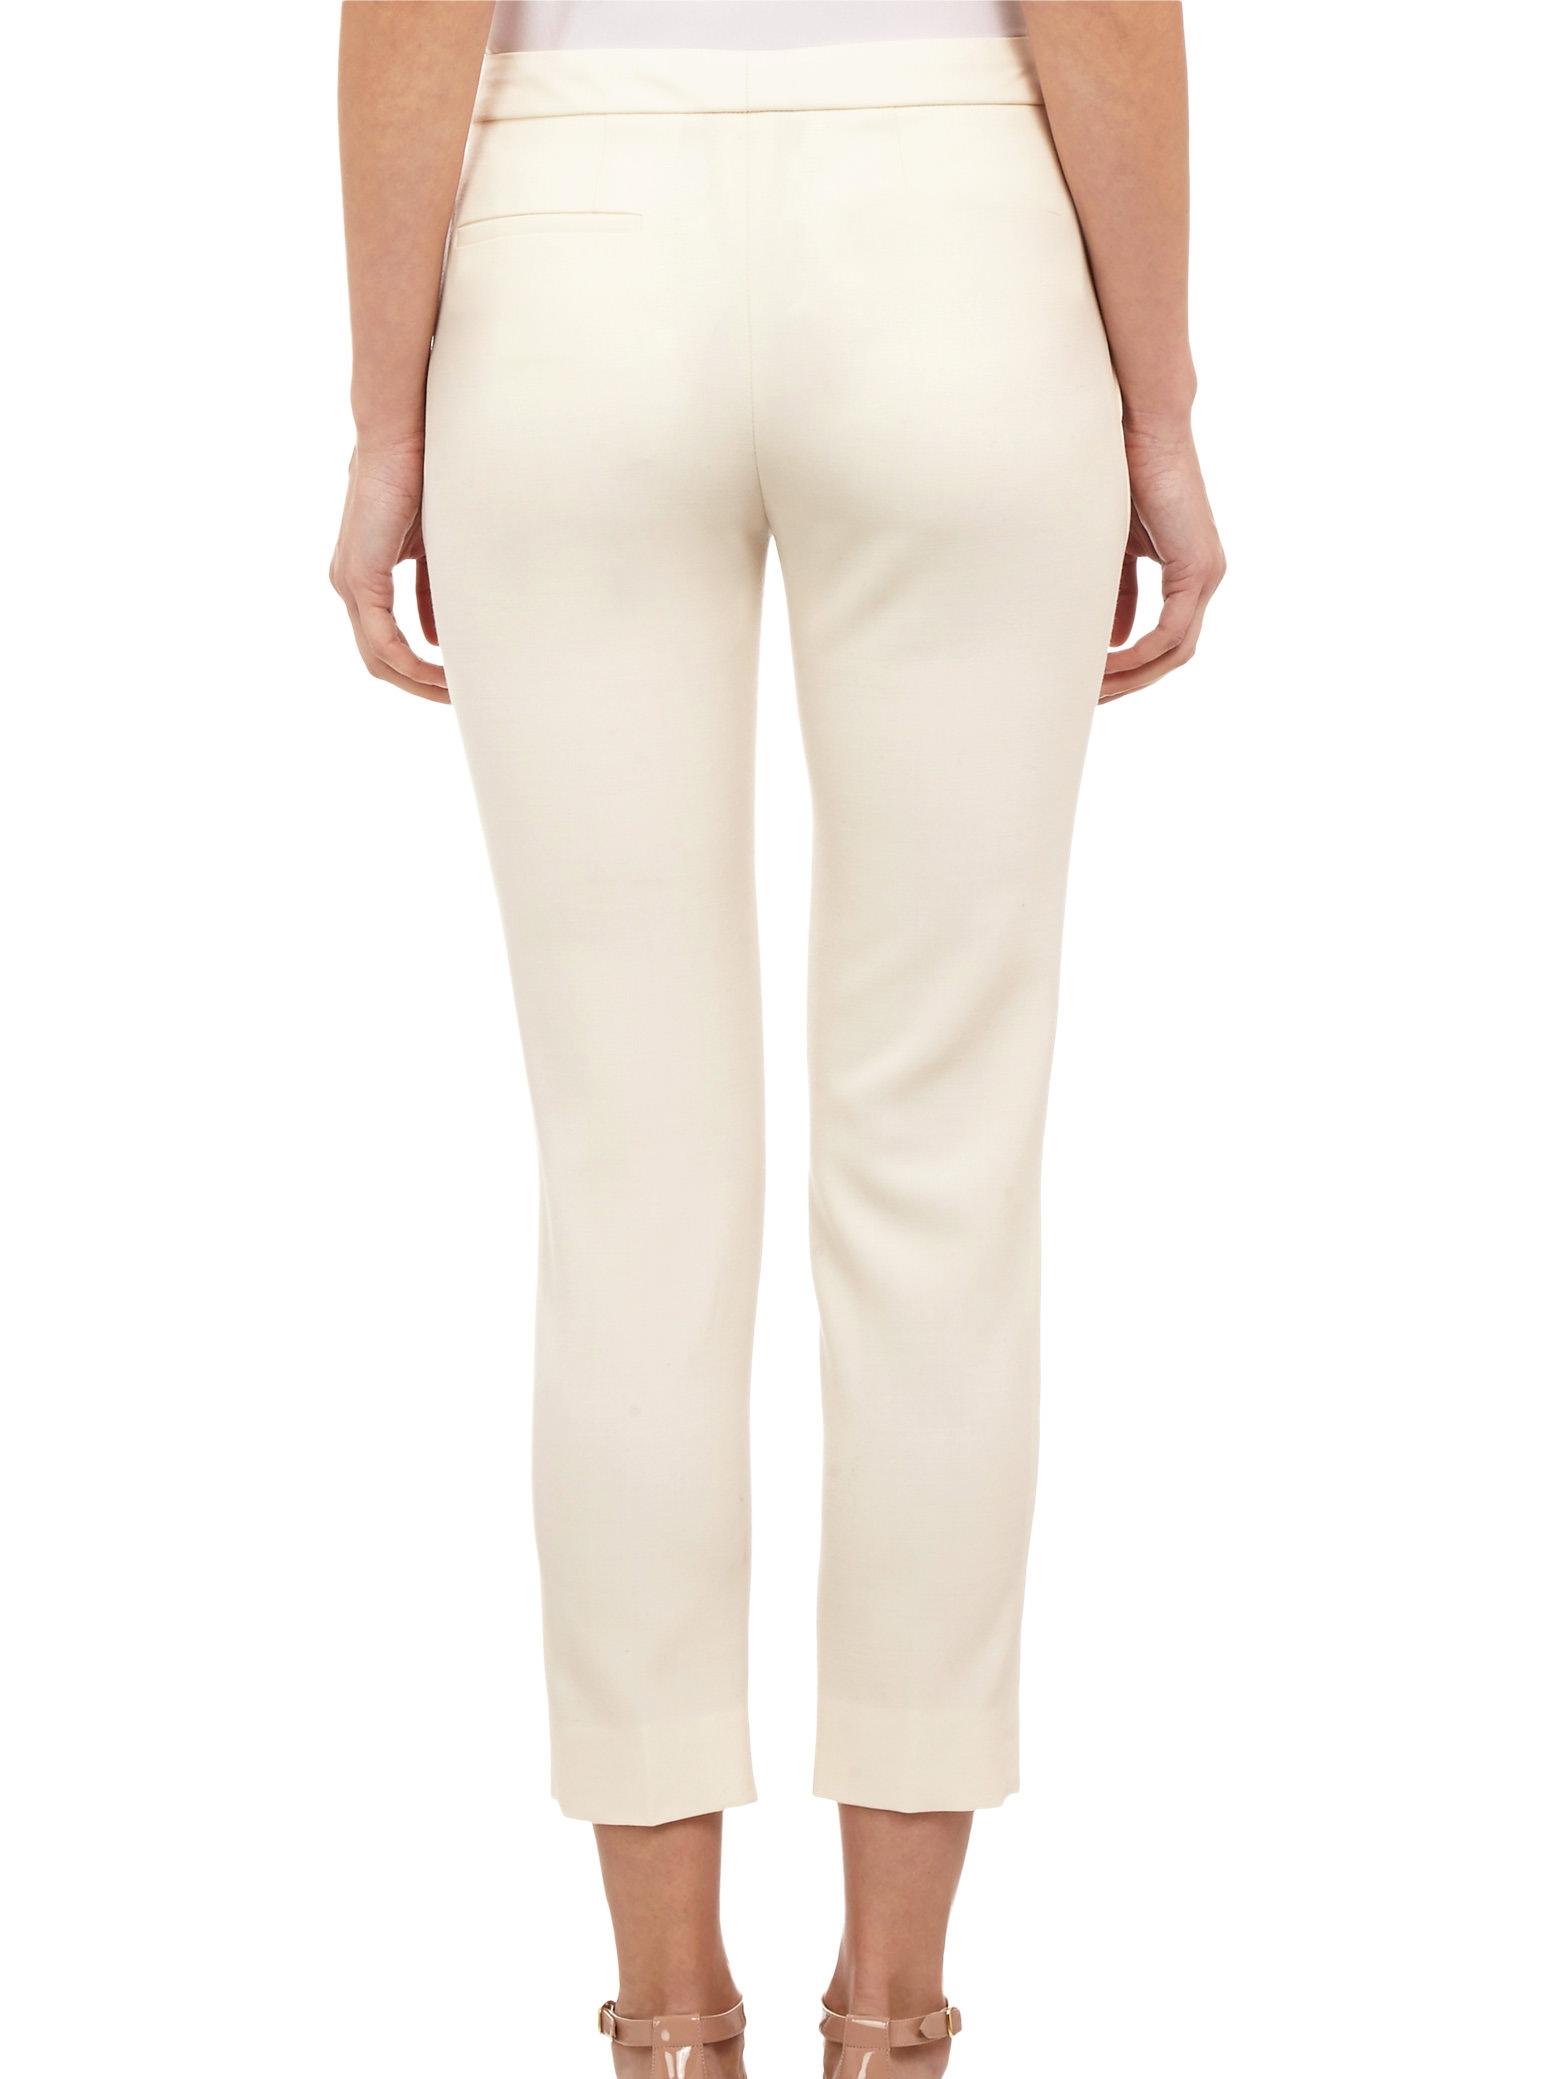 Louise paris chloe pantalon taille haute coupe droite en - Pantalon femme taille haute coupe droite ...